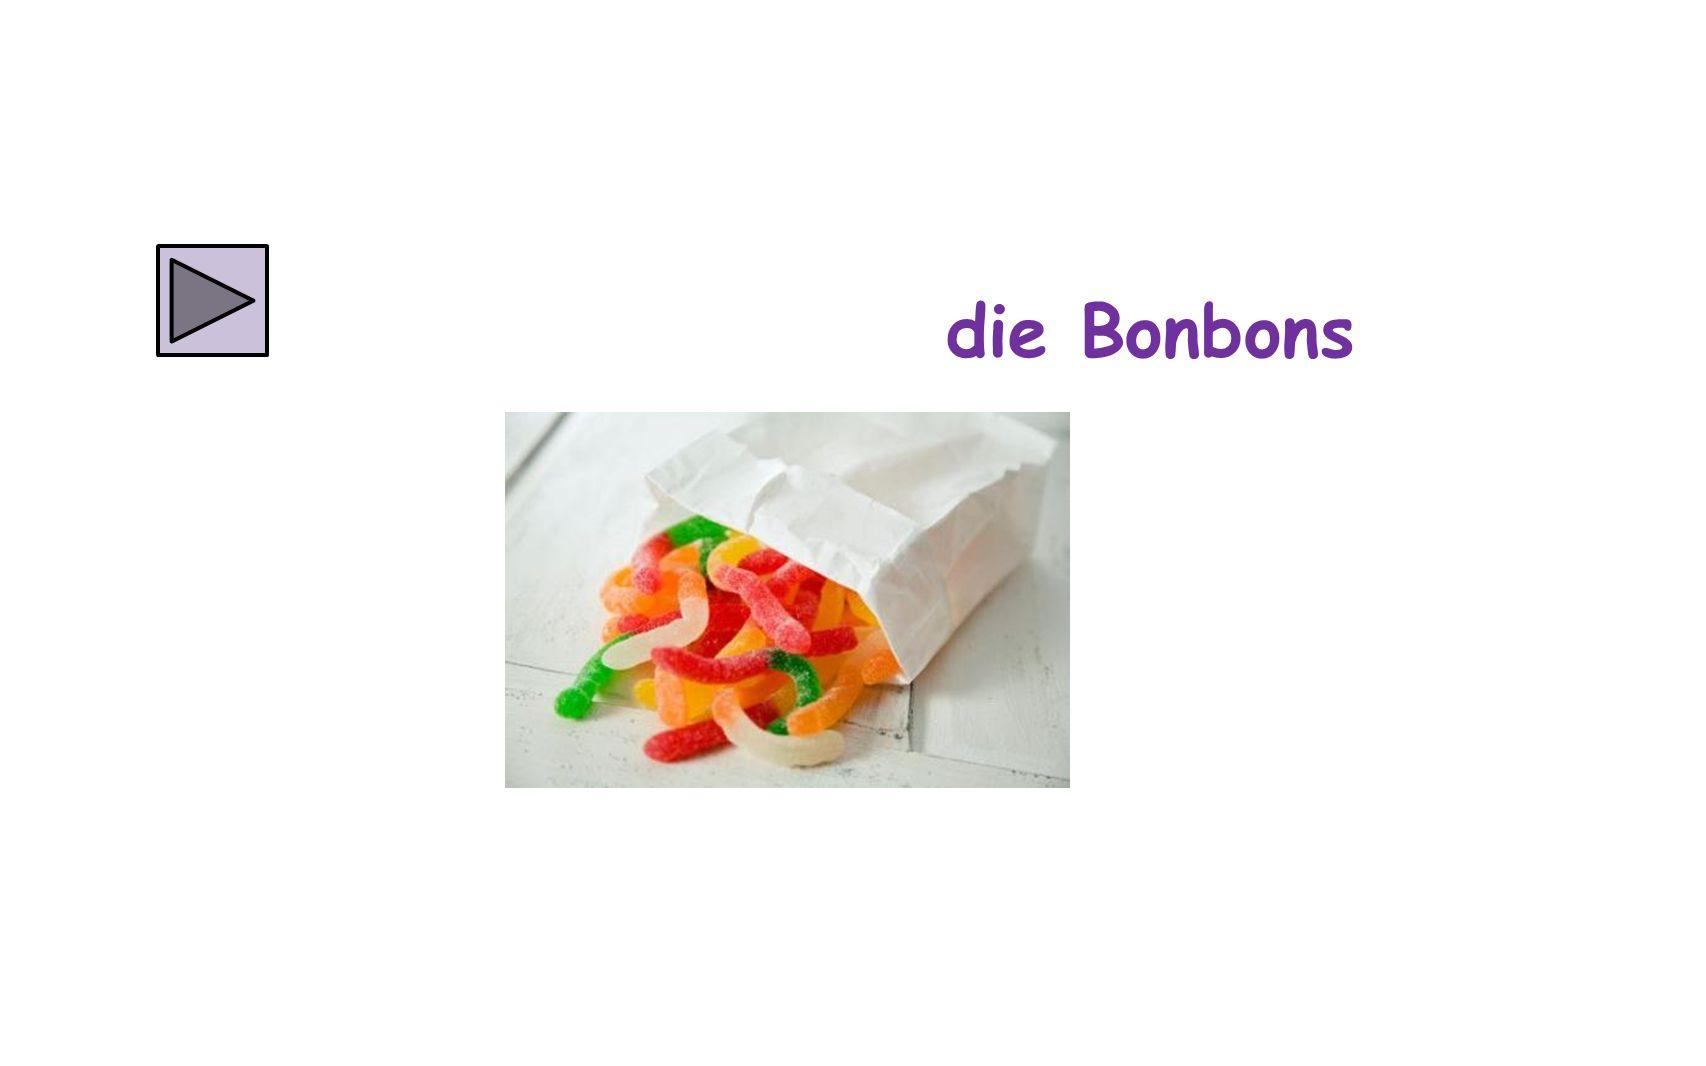 die Bonbons